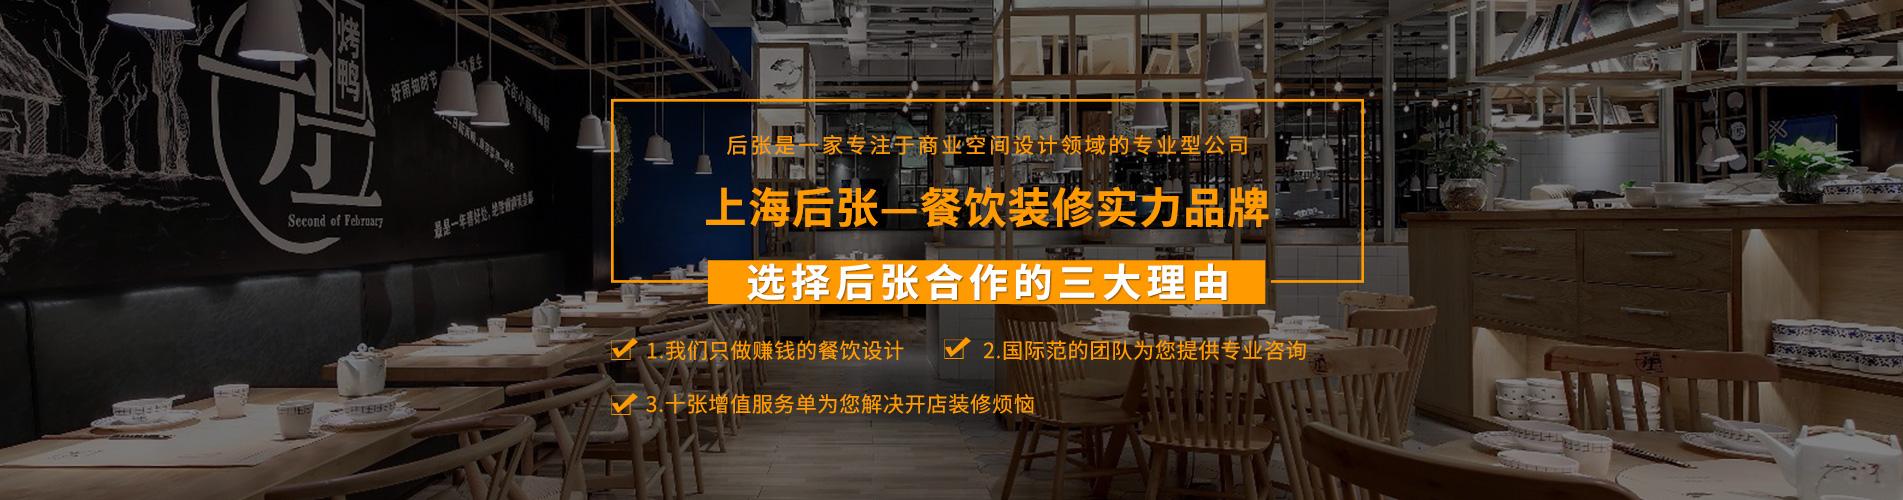 上海后张空间设计工程有限公司